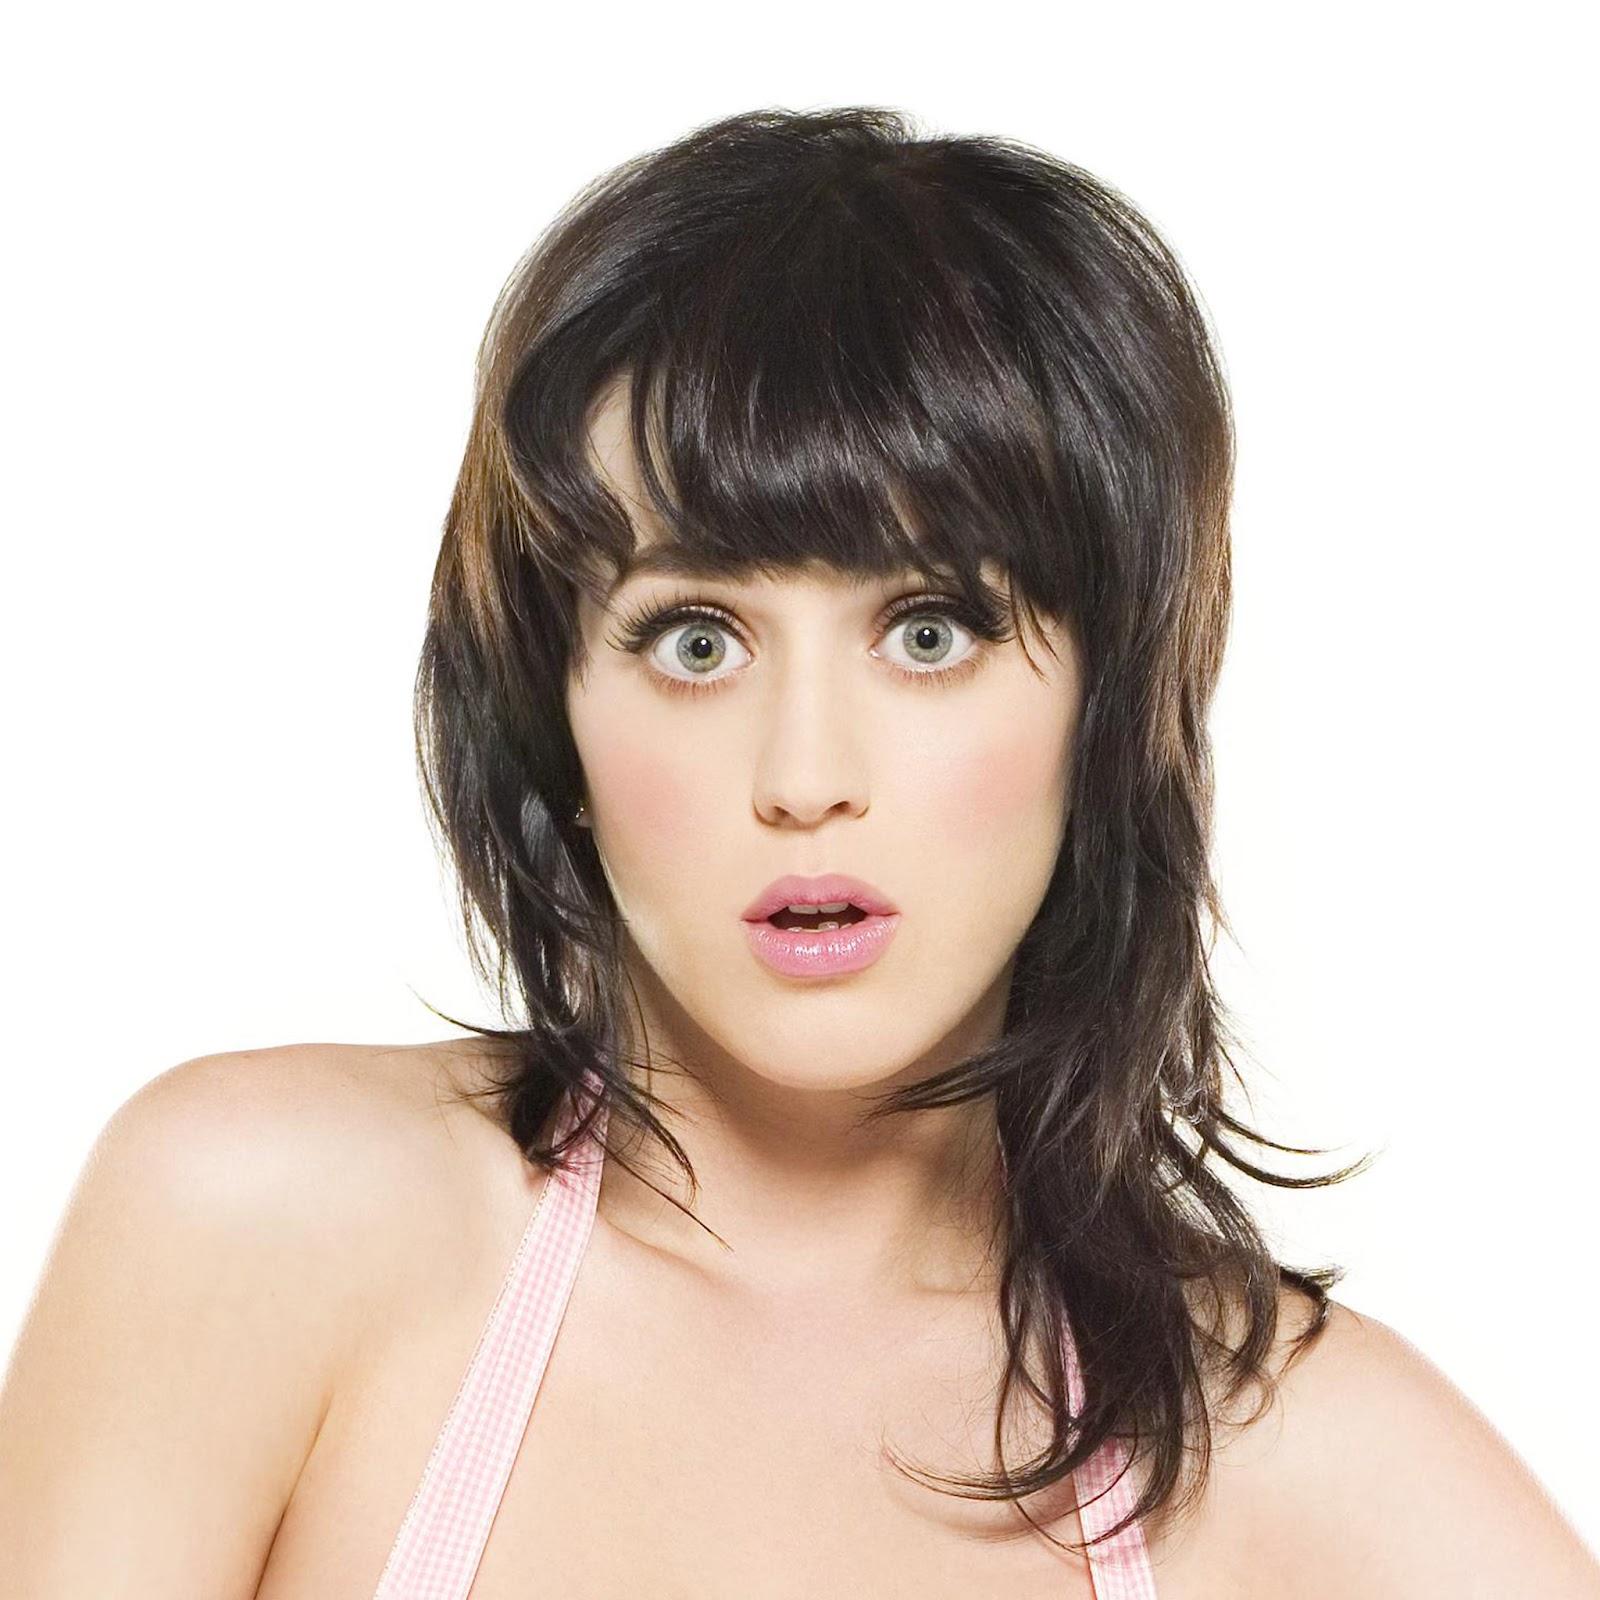 http://2.bp.blogspot.com/-wz0OctfDrE4/UEwHJi4NpYI/AAAAAAAAAGE/x9QUFSt4Cmo/s1600/Katy-Perry.jpg